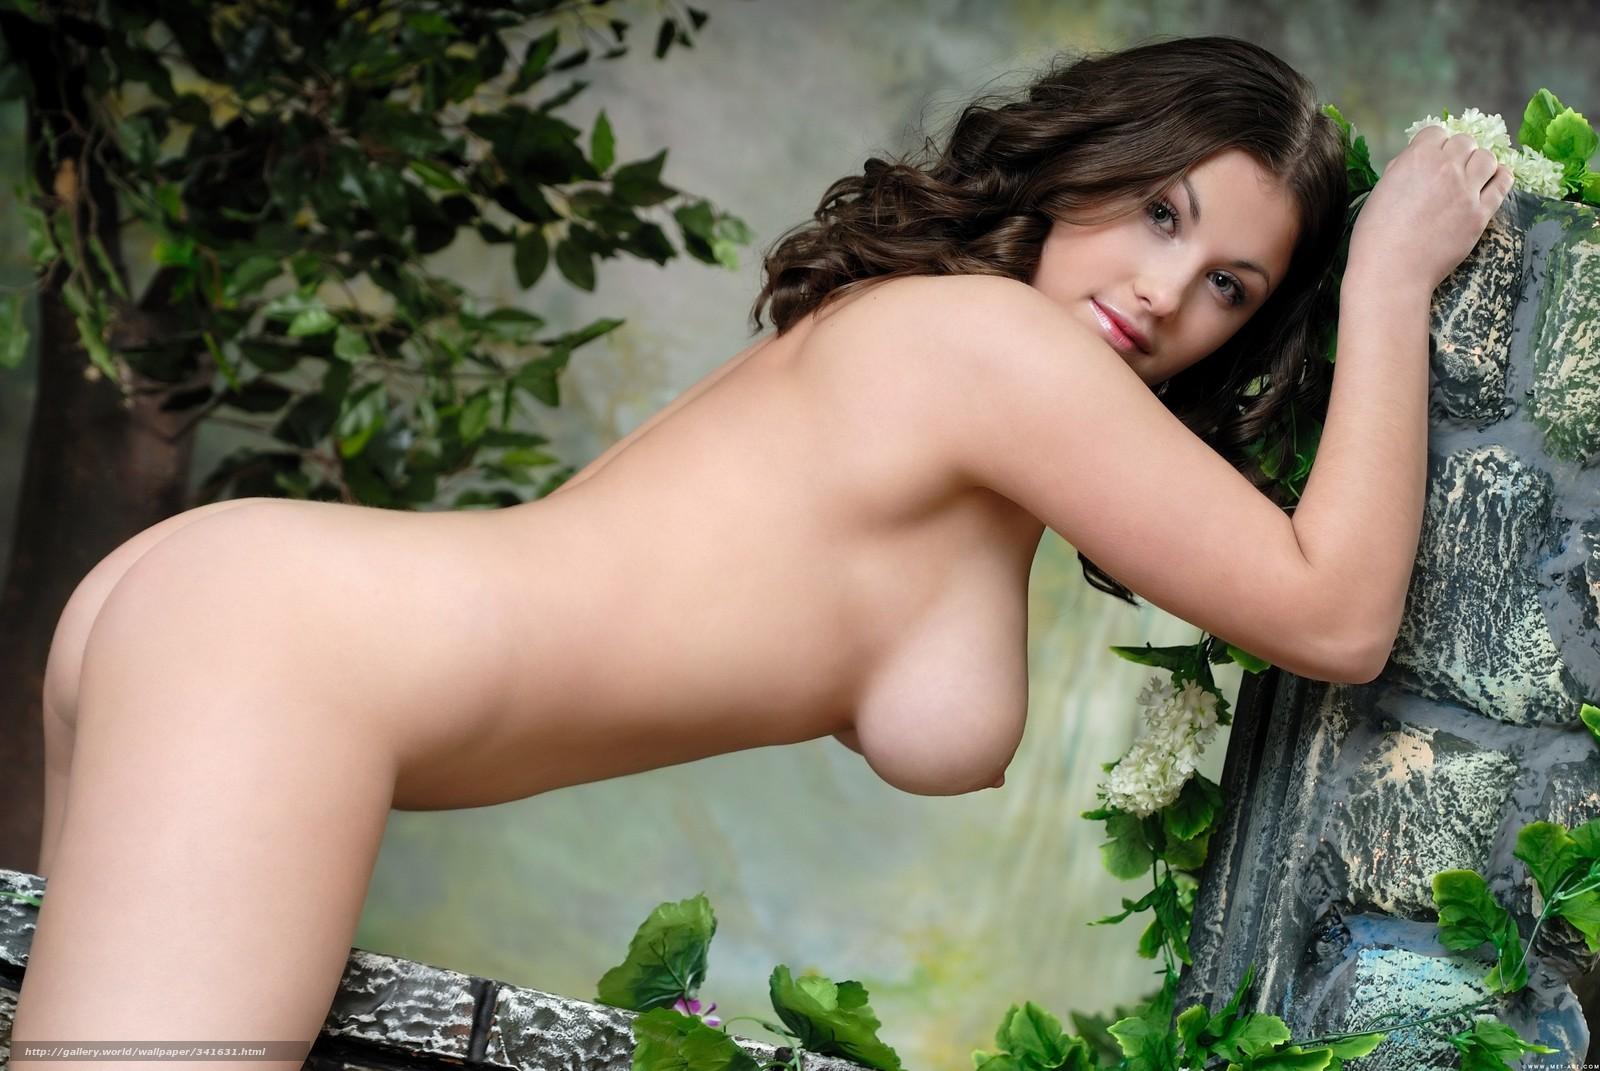 Фото наклонившейся голой женщины 22 фотография